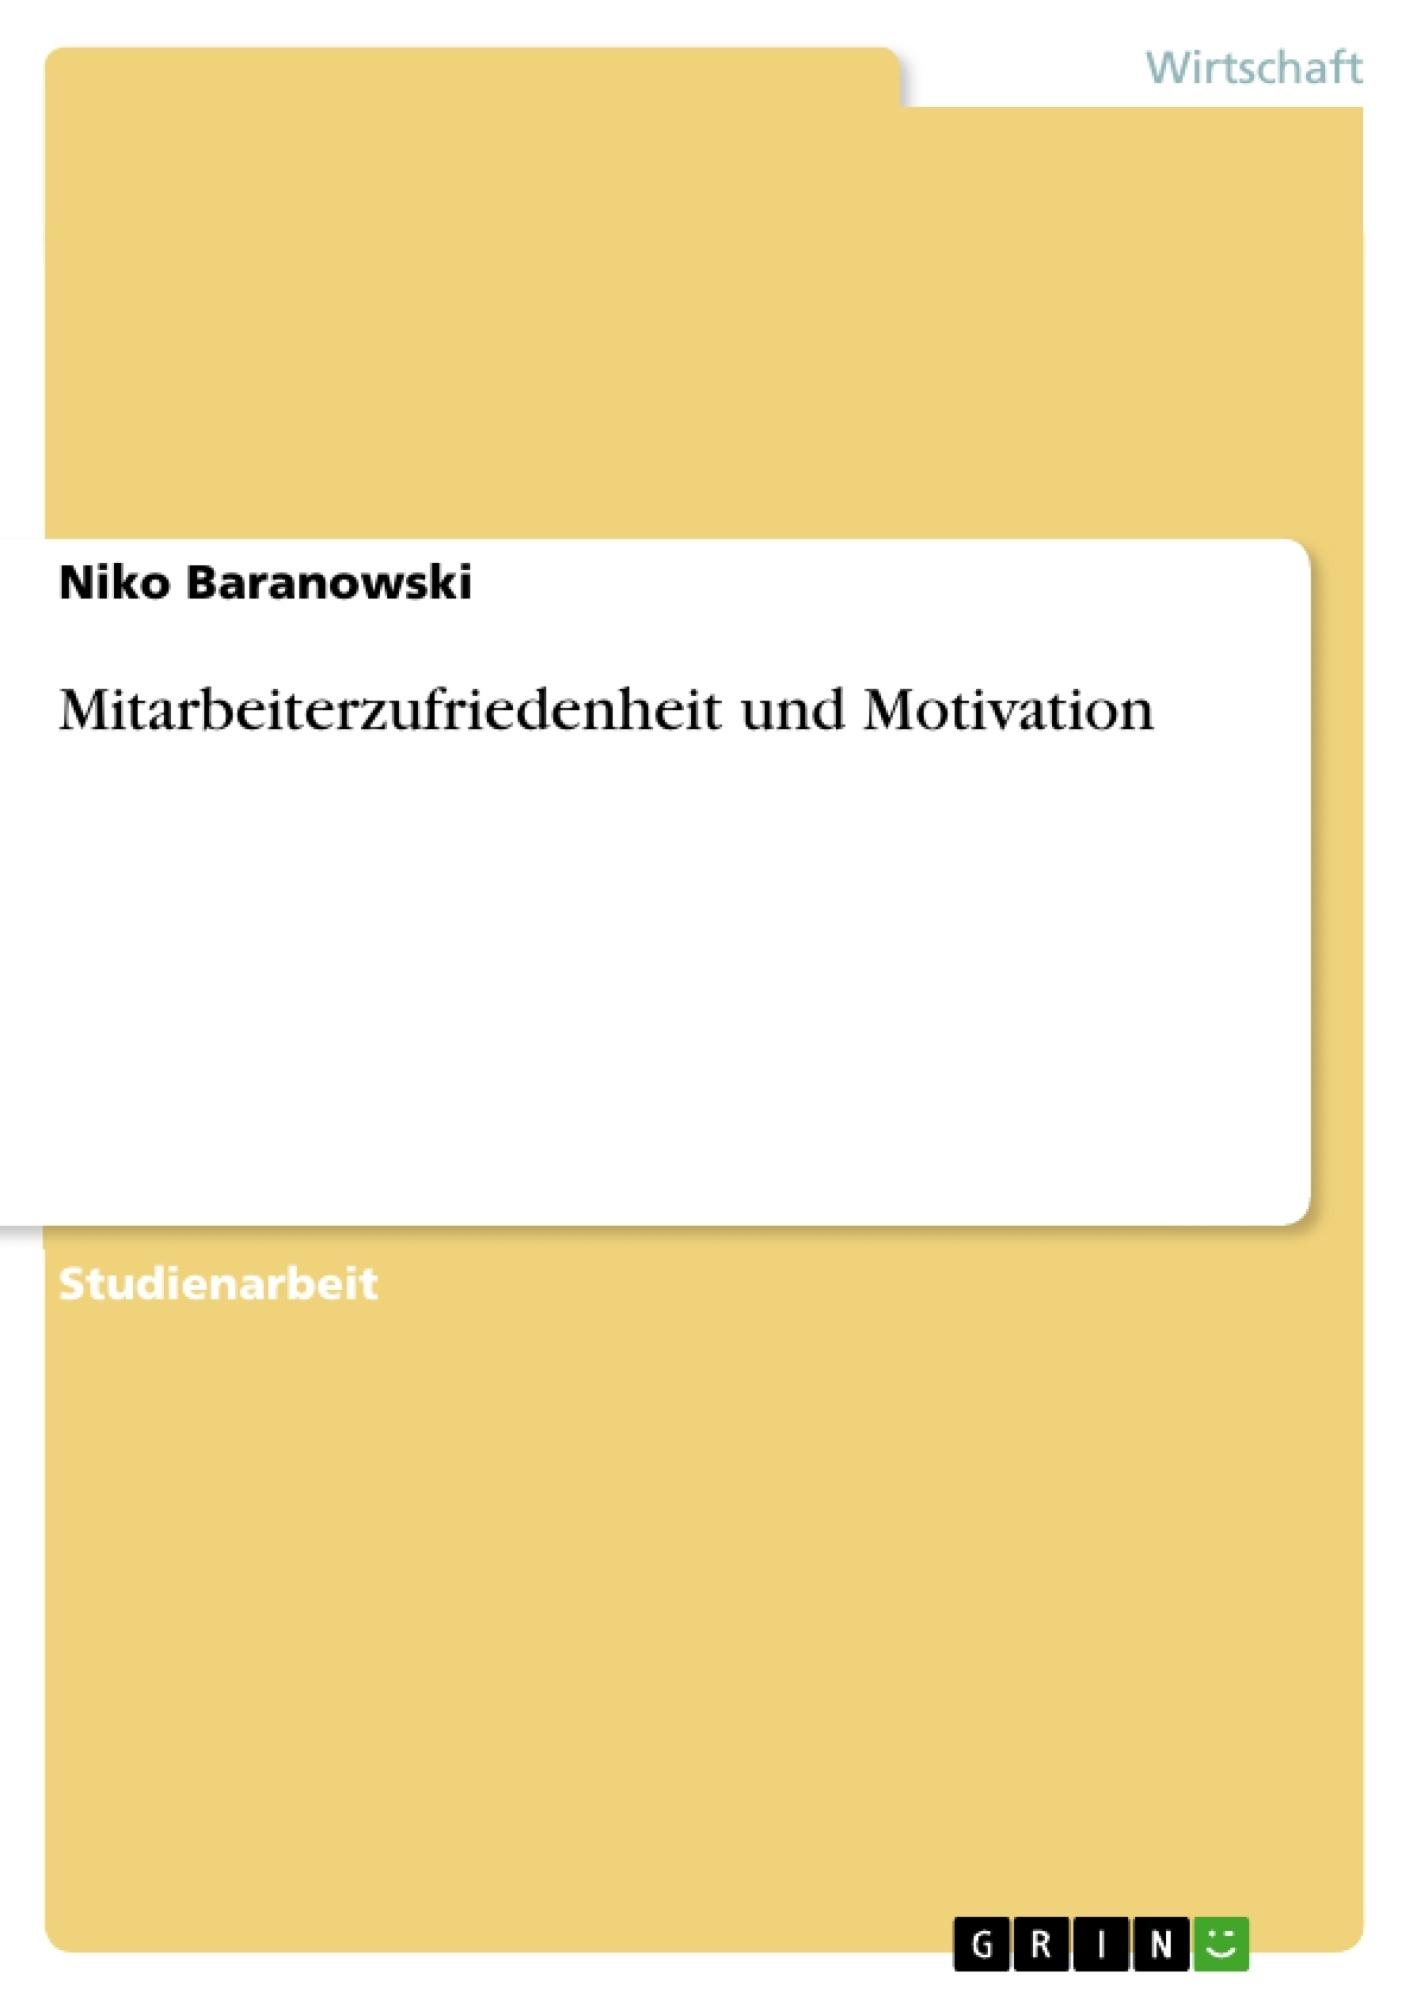 Titel: Mitarbeiterzufriedenheit und Motivation